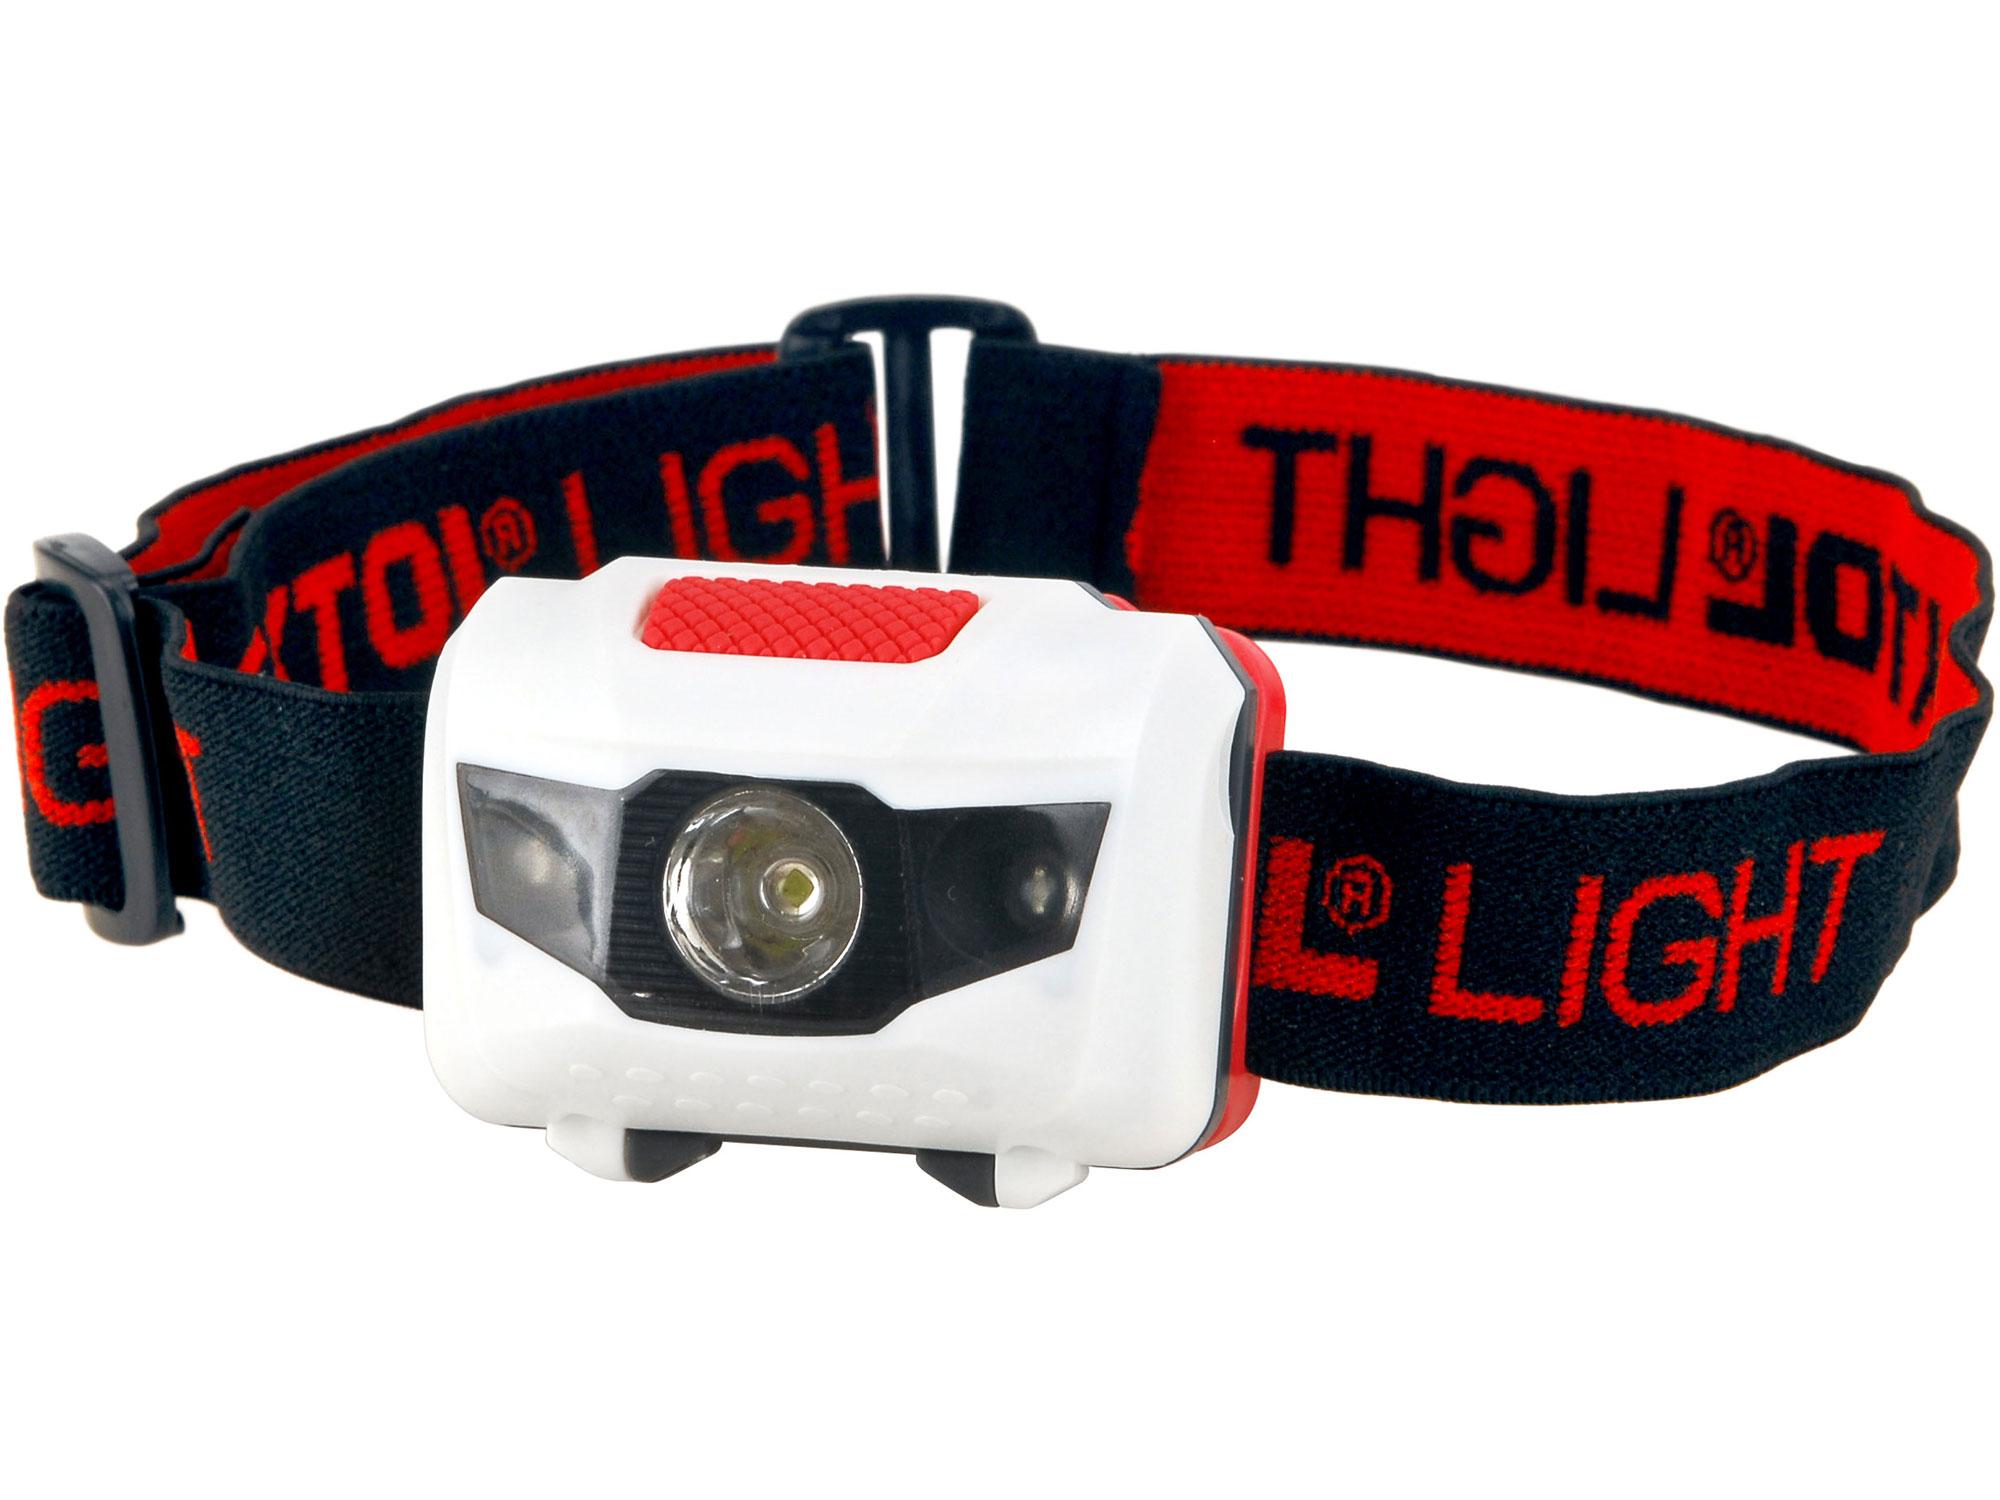 Čelovka 40lm, 1W + 2 červené LED, ABS plast EXTOL LIGHT 43102